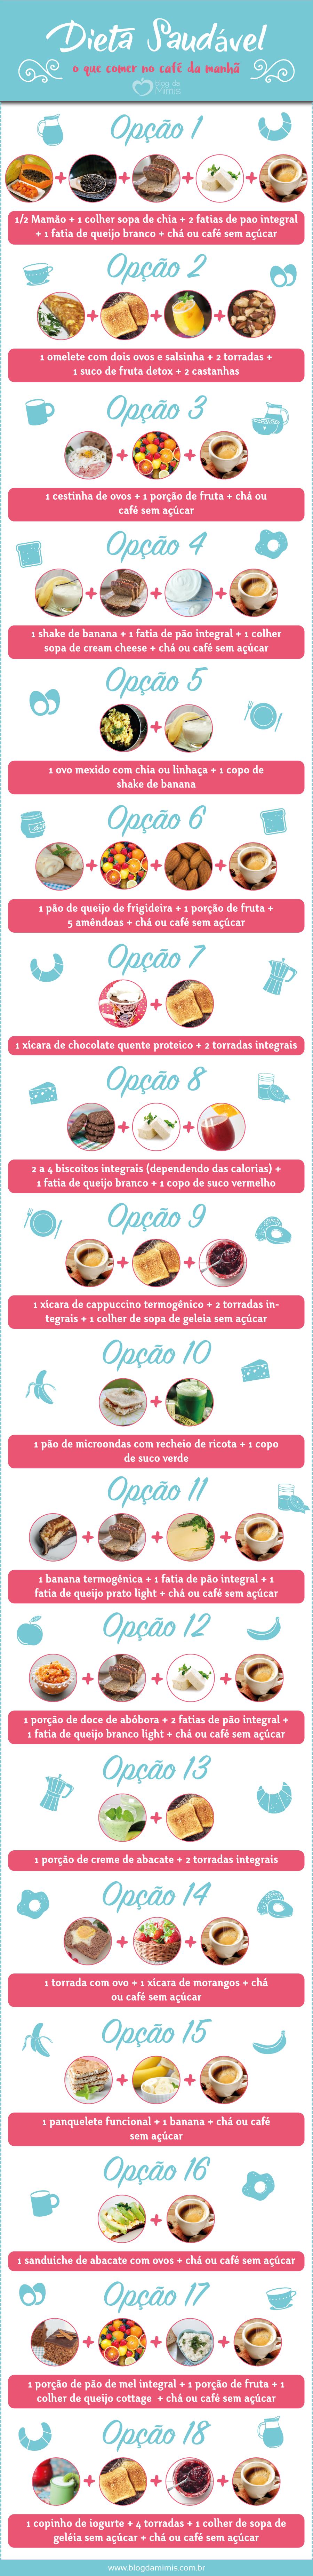 cafe-da-manha-blog-da-mimis-michelle-franzoni.post